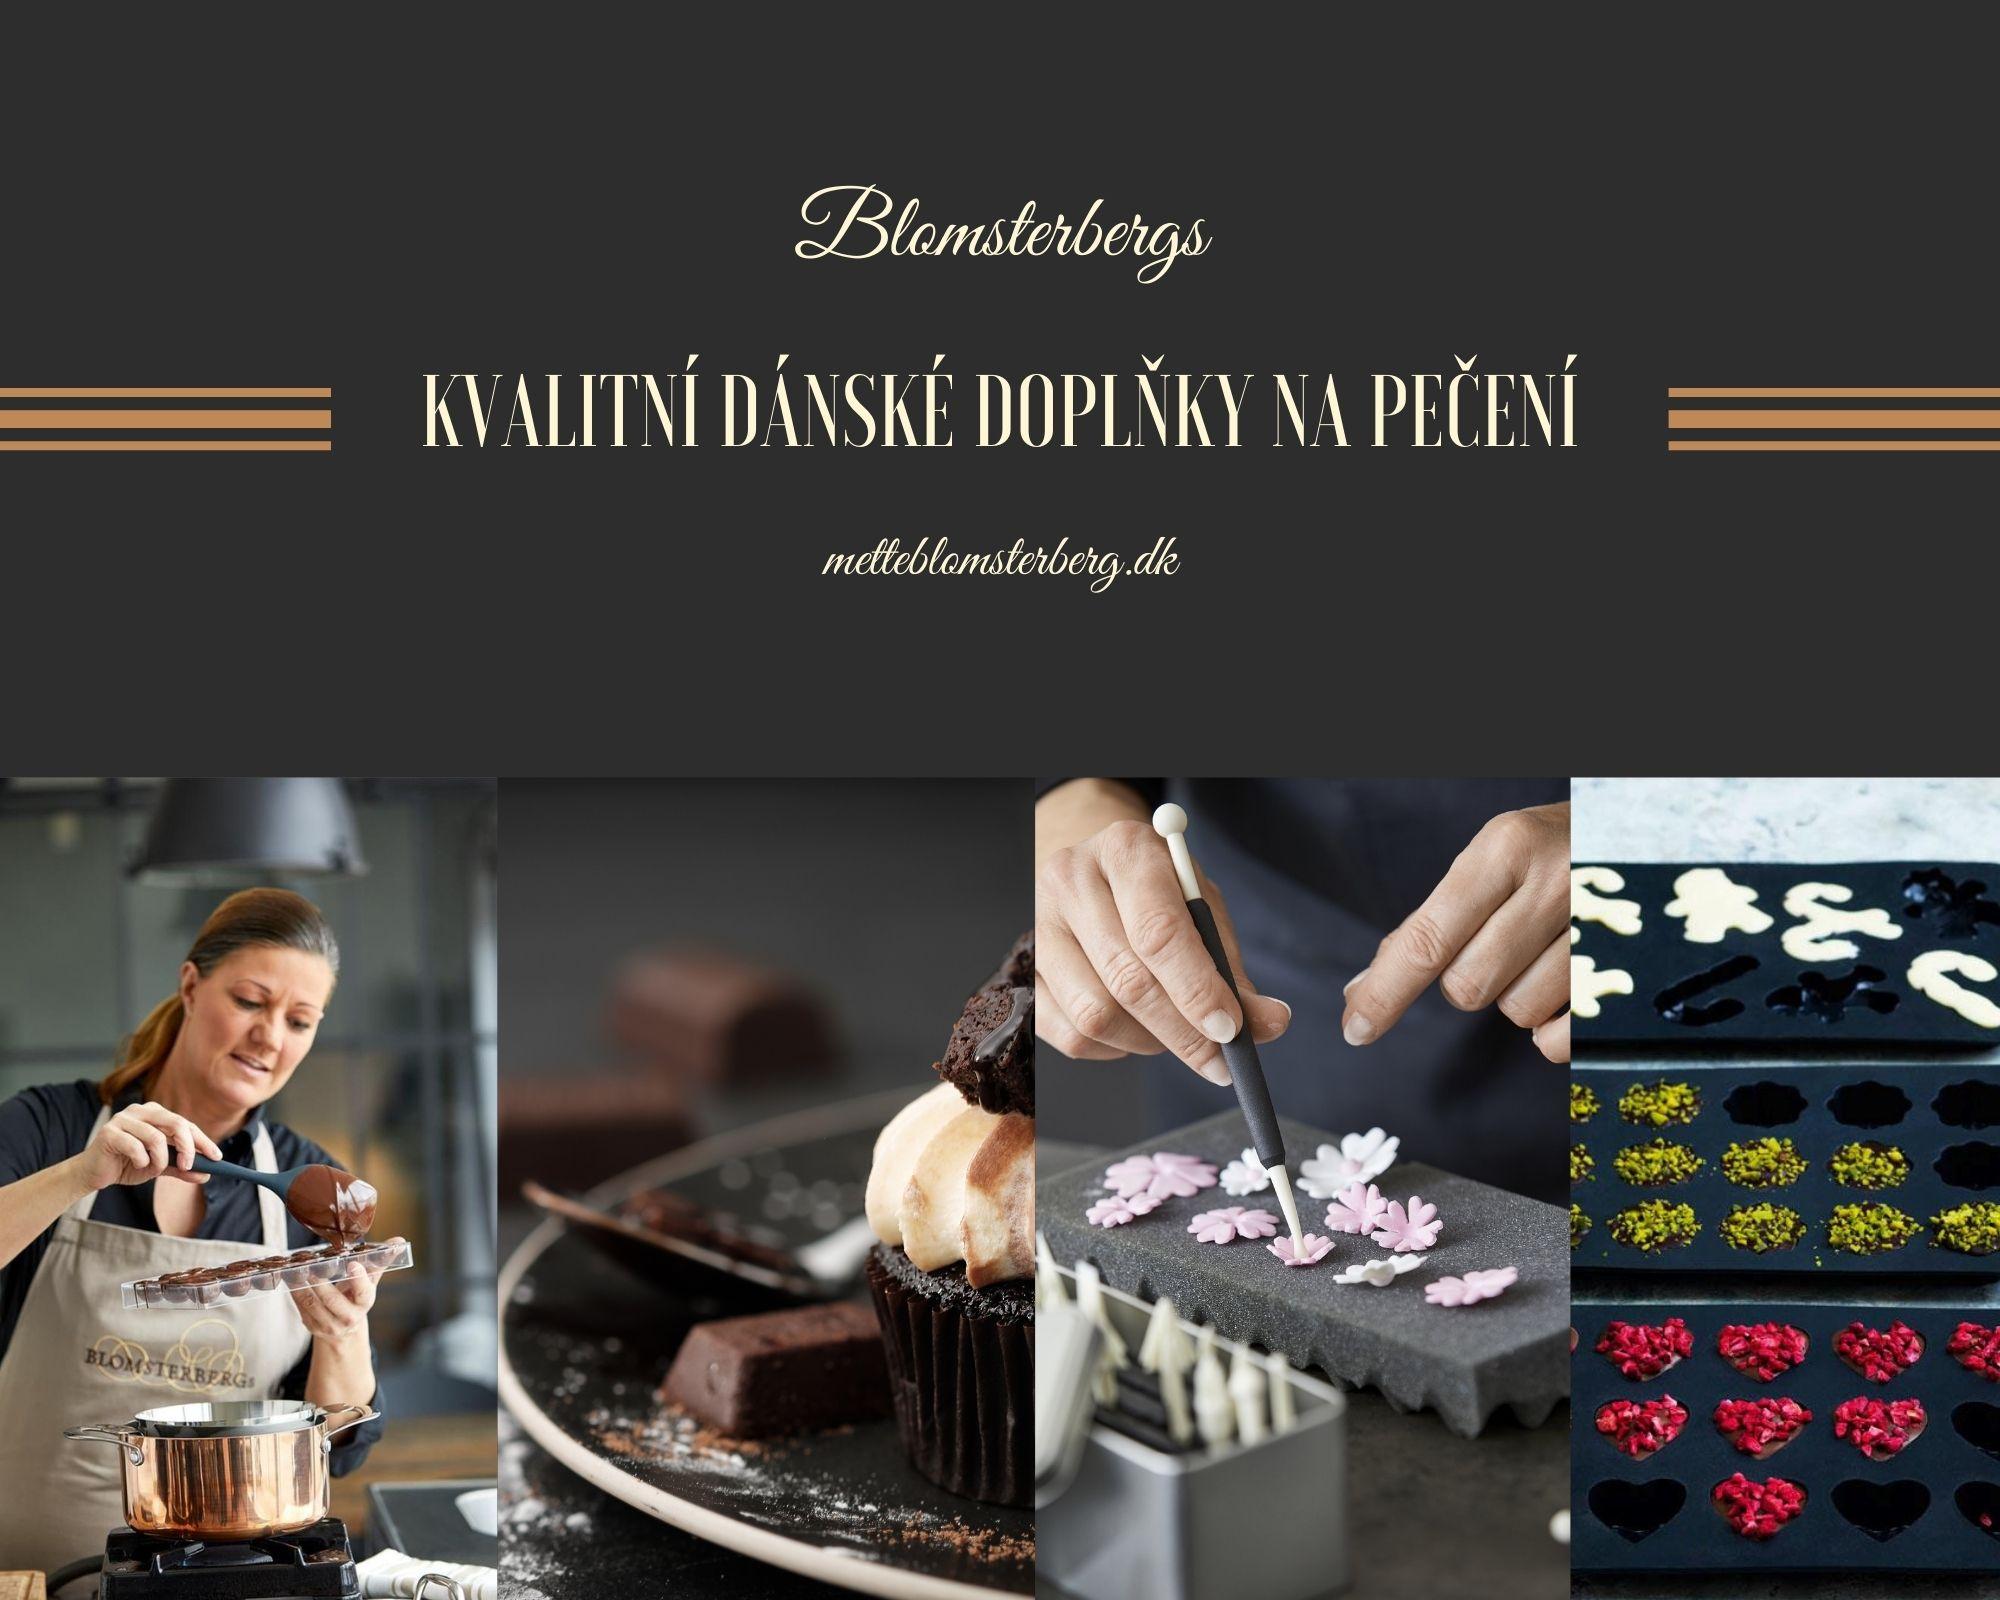 pečení a výroba cukrovinek